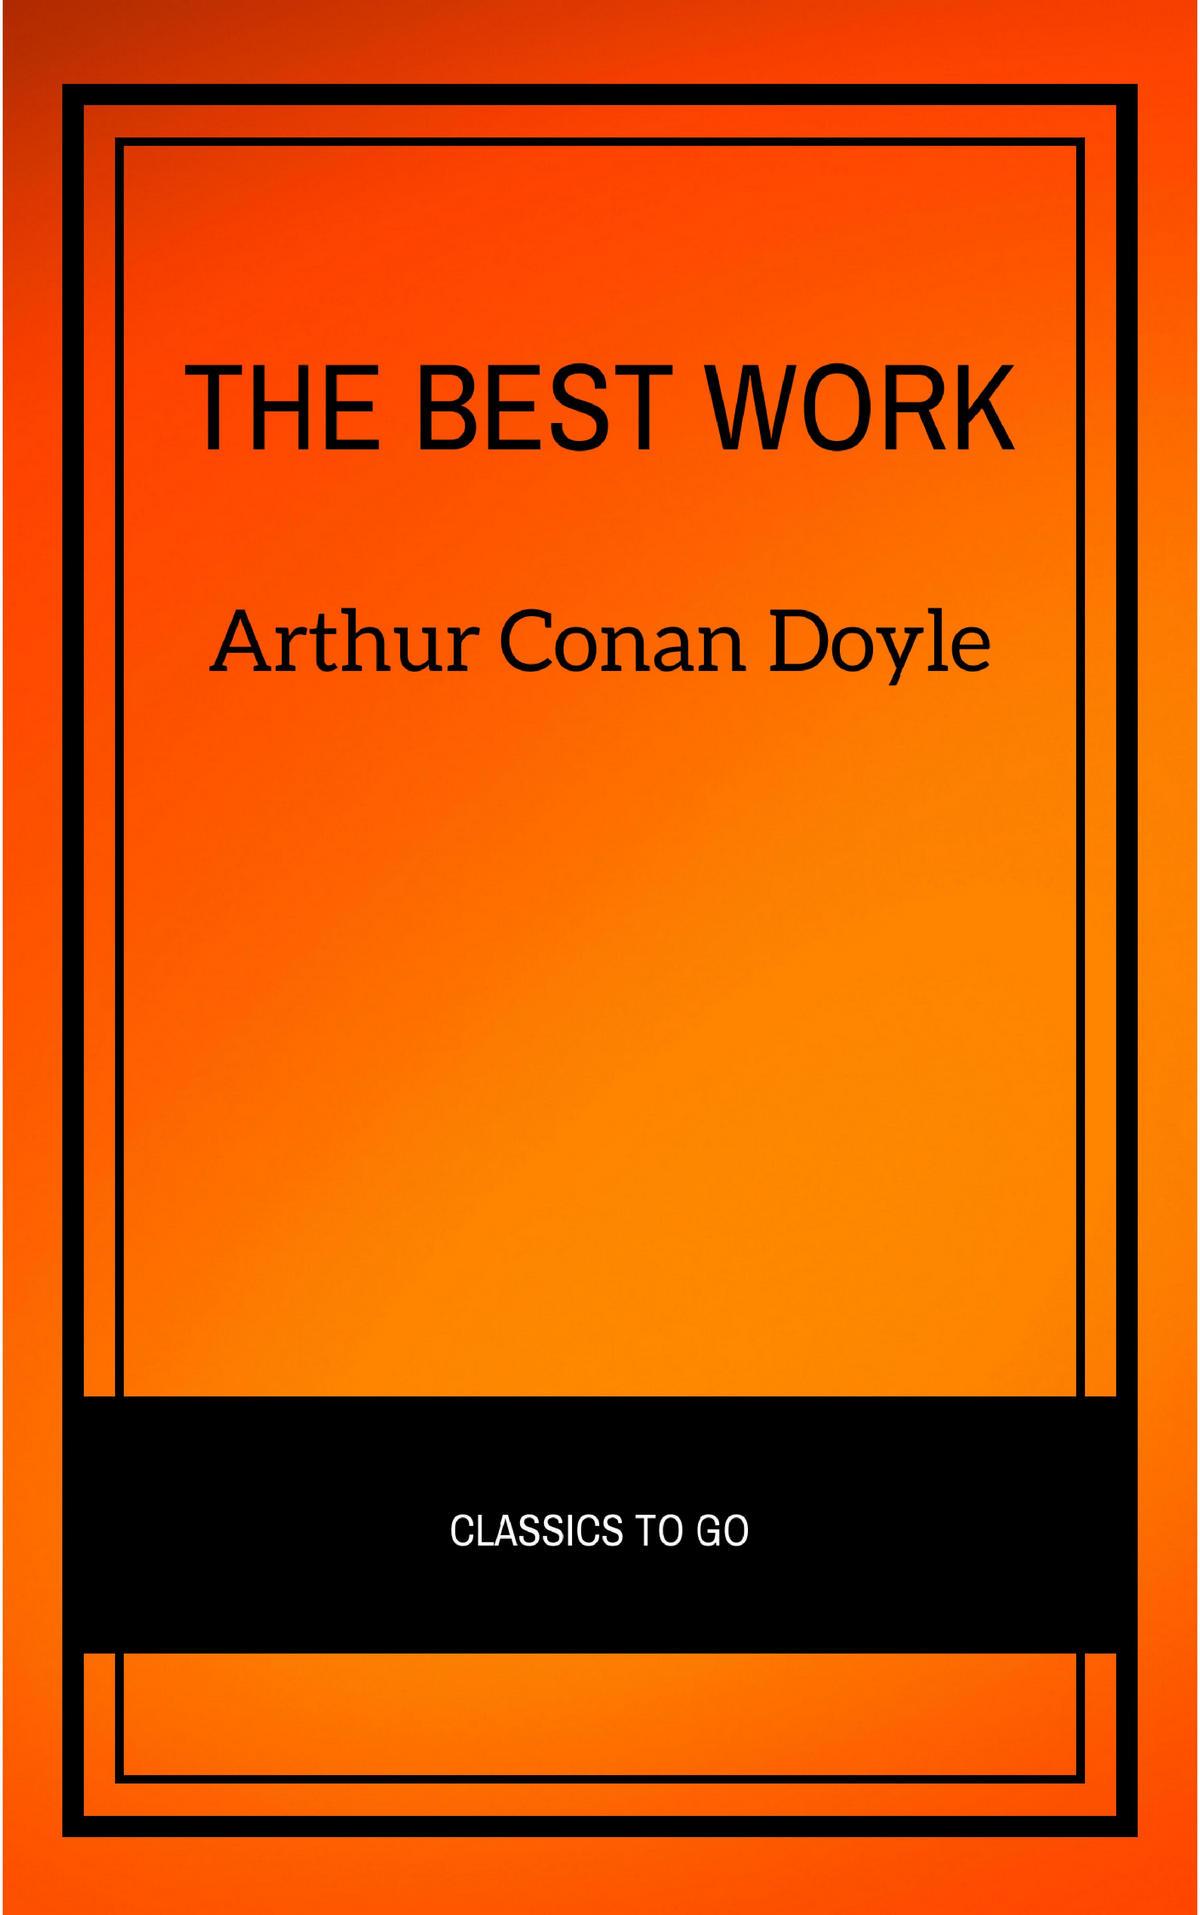 arthur conan doyle the best works